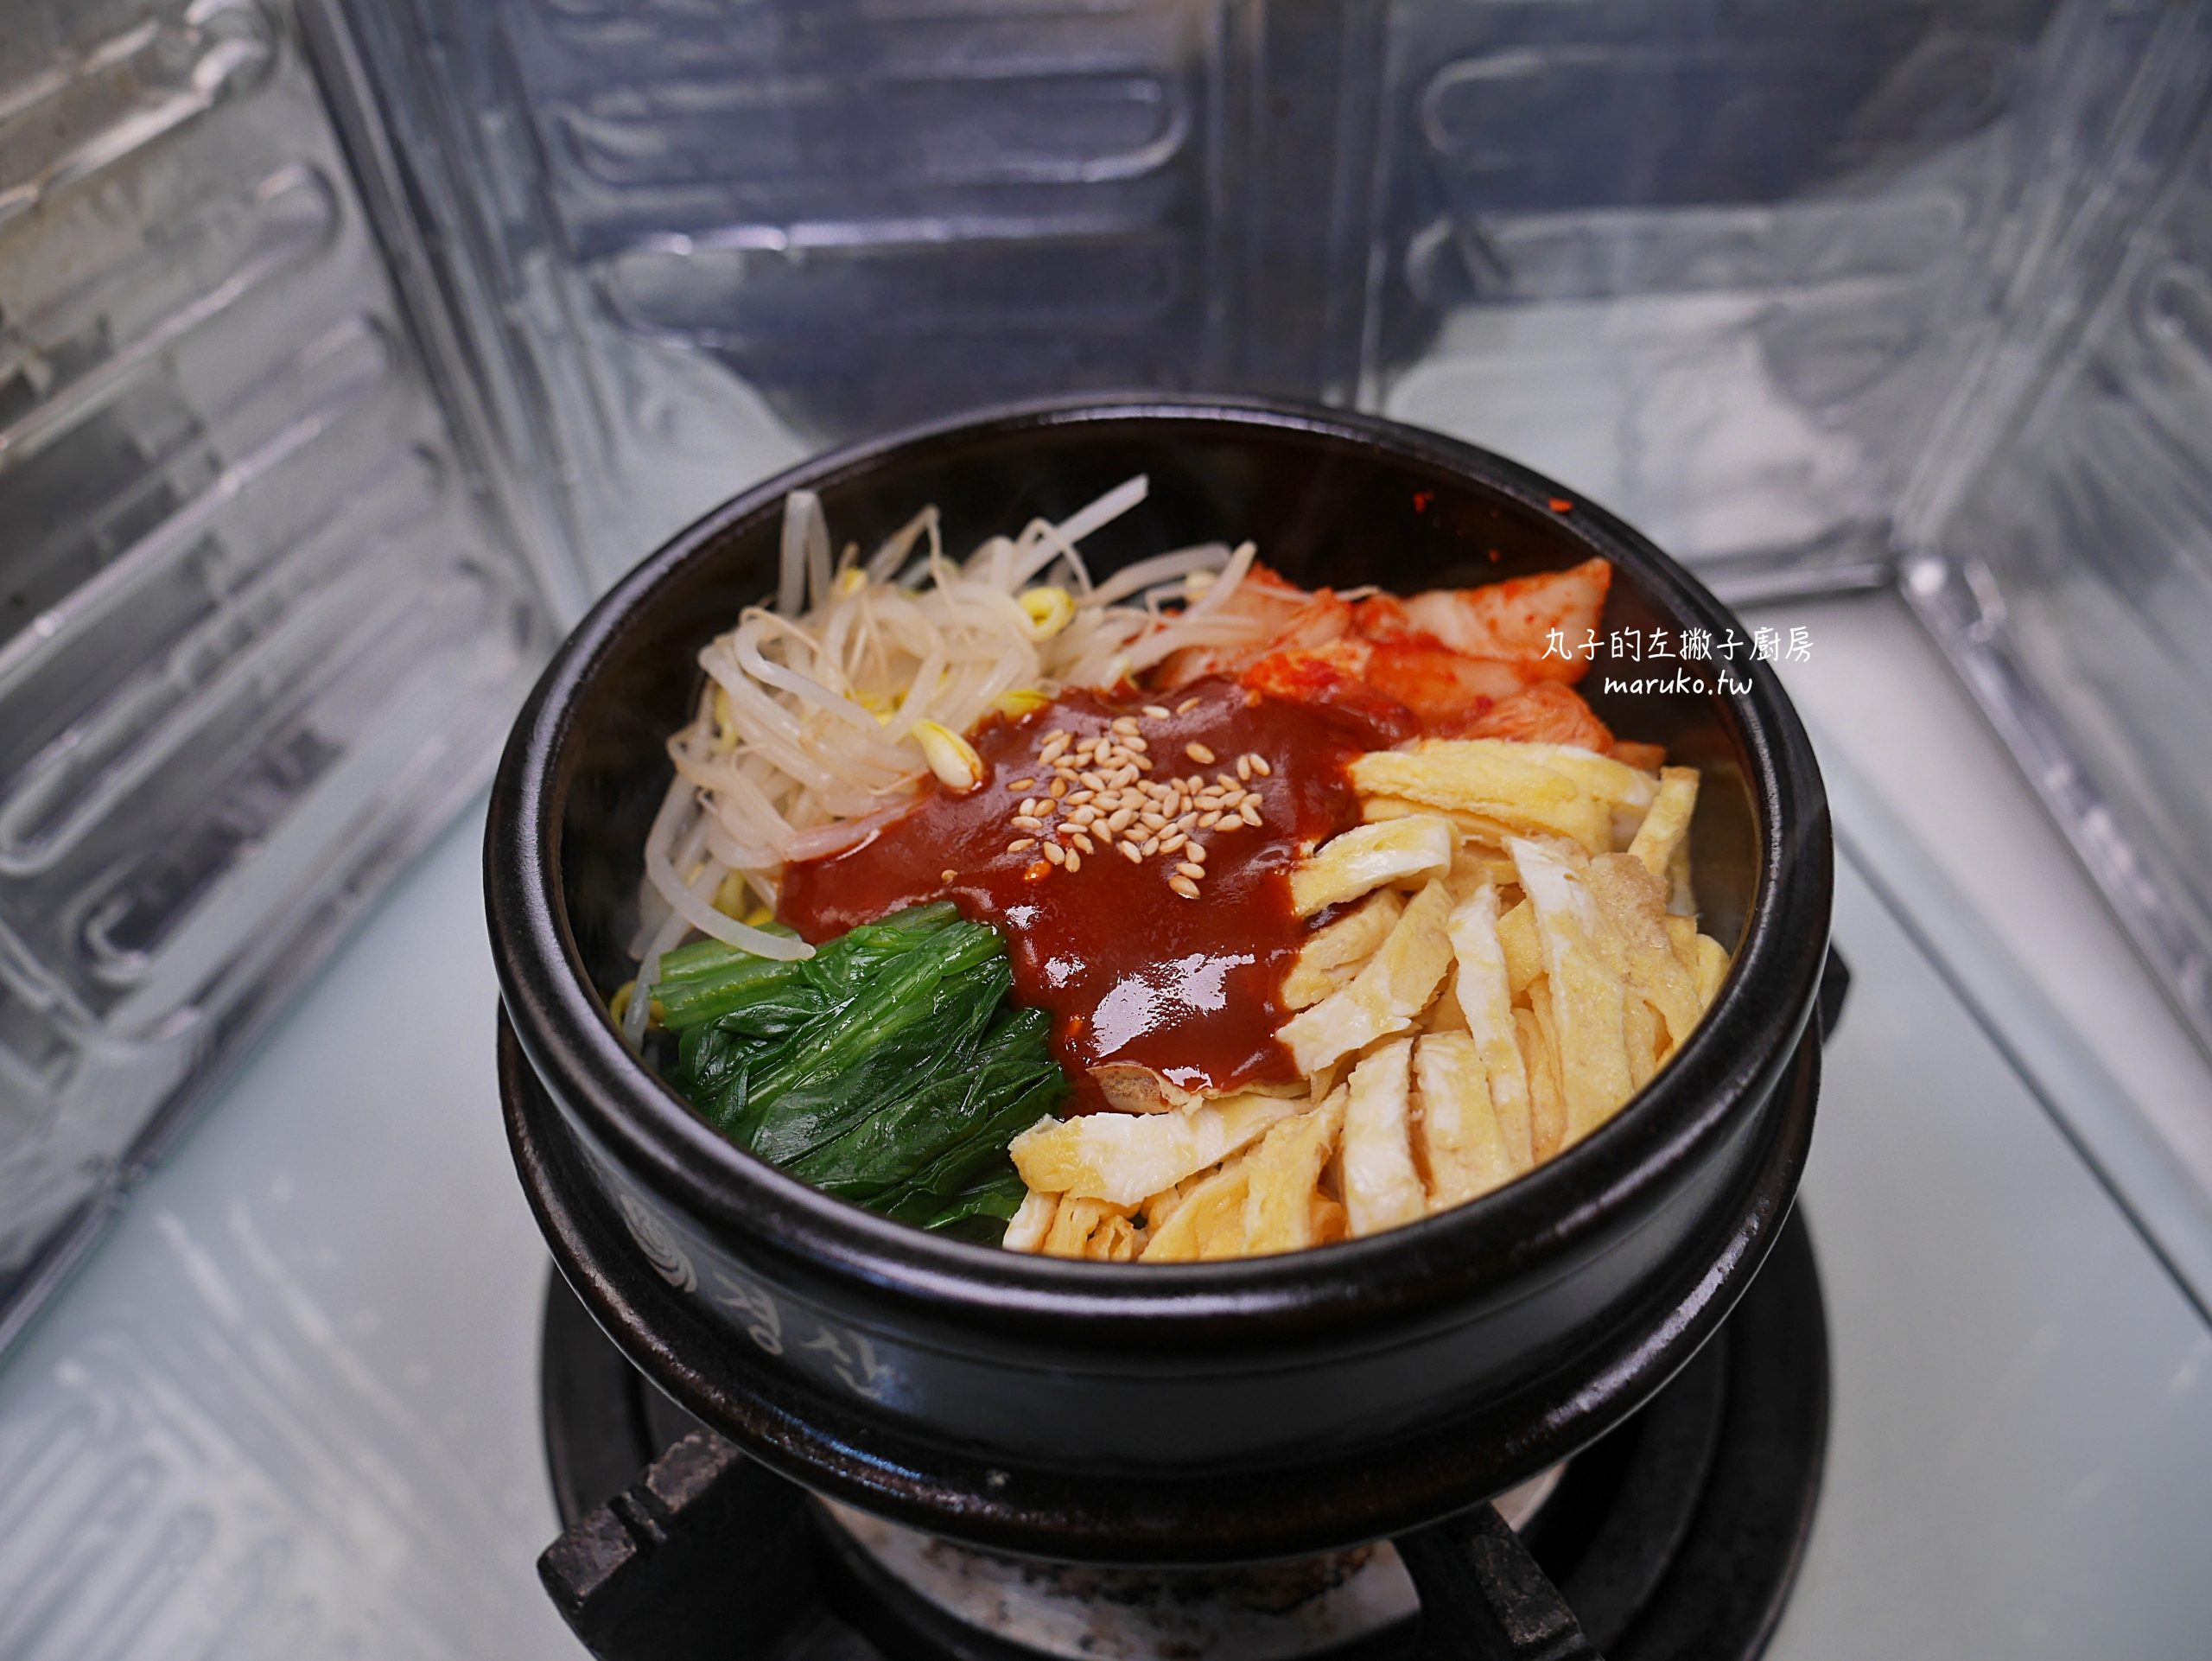 【食譜】韓式陶鍋用法|冬天必備石鍋拌飯,韓式蒸蛋鍋,泡菜豆腐鍋一鍋搞定 @Maruko與美食有個約會